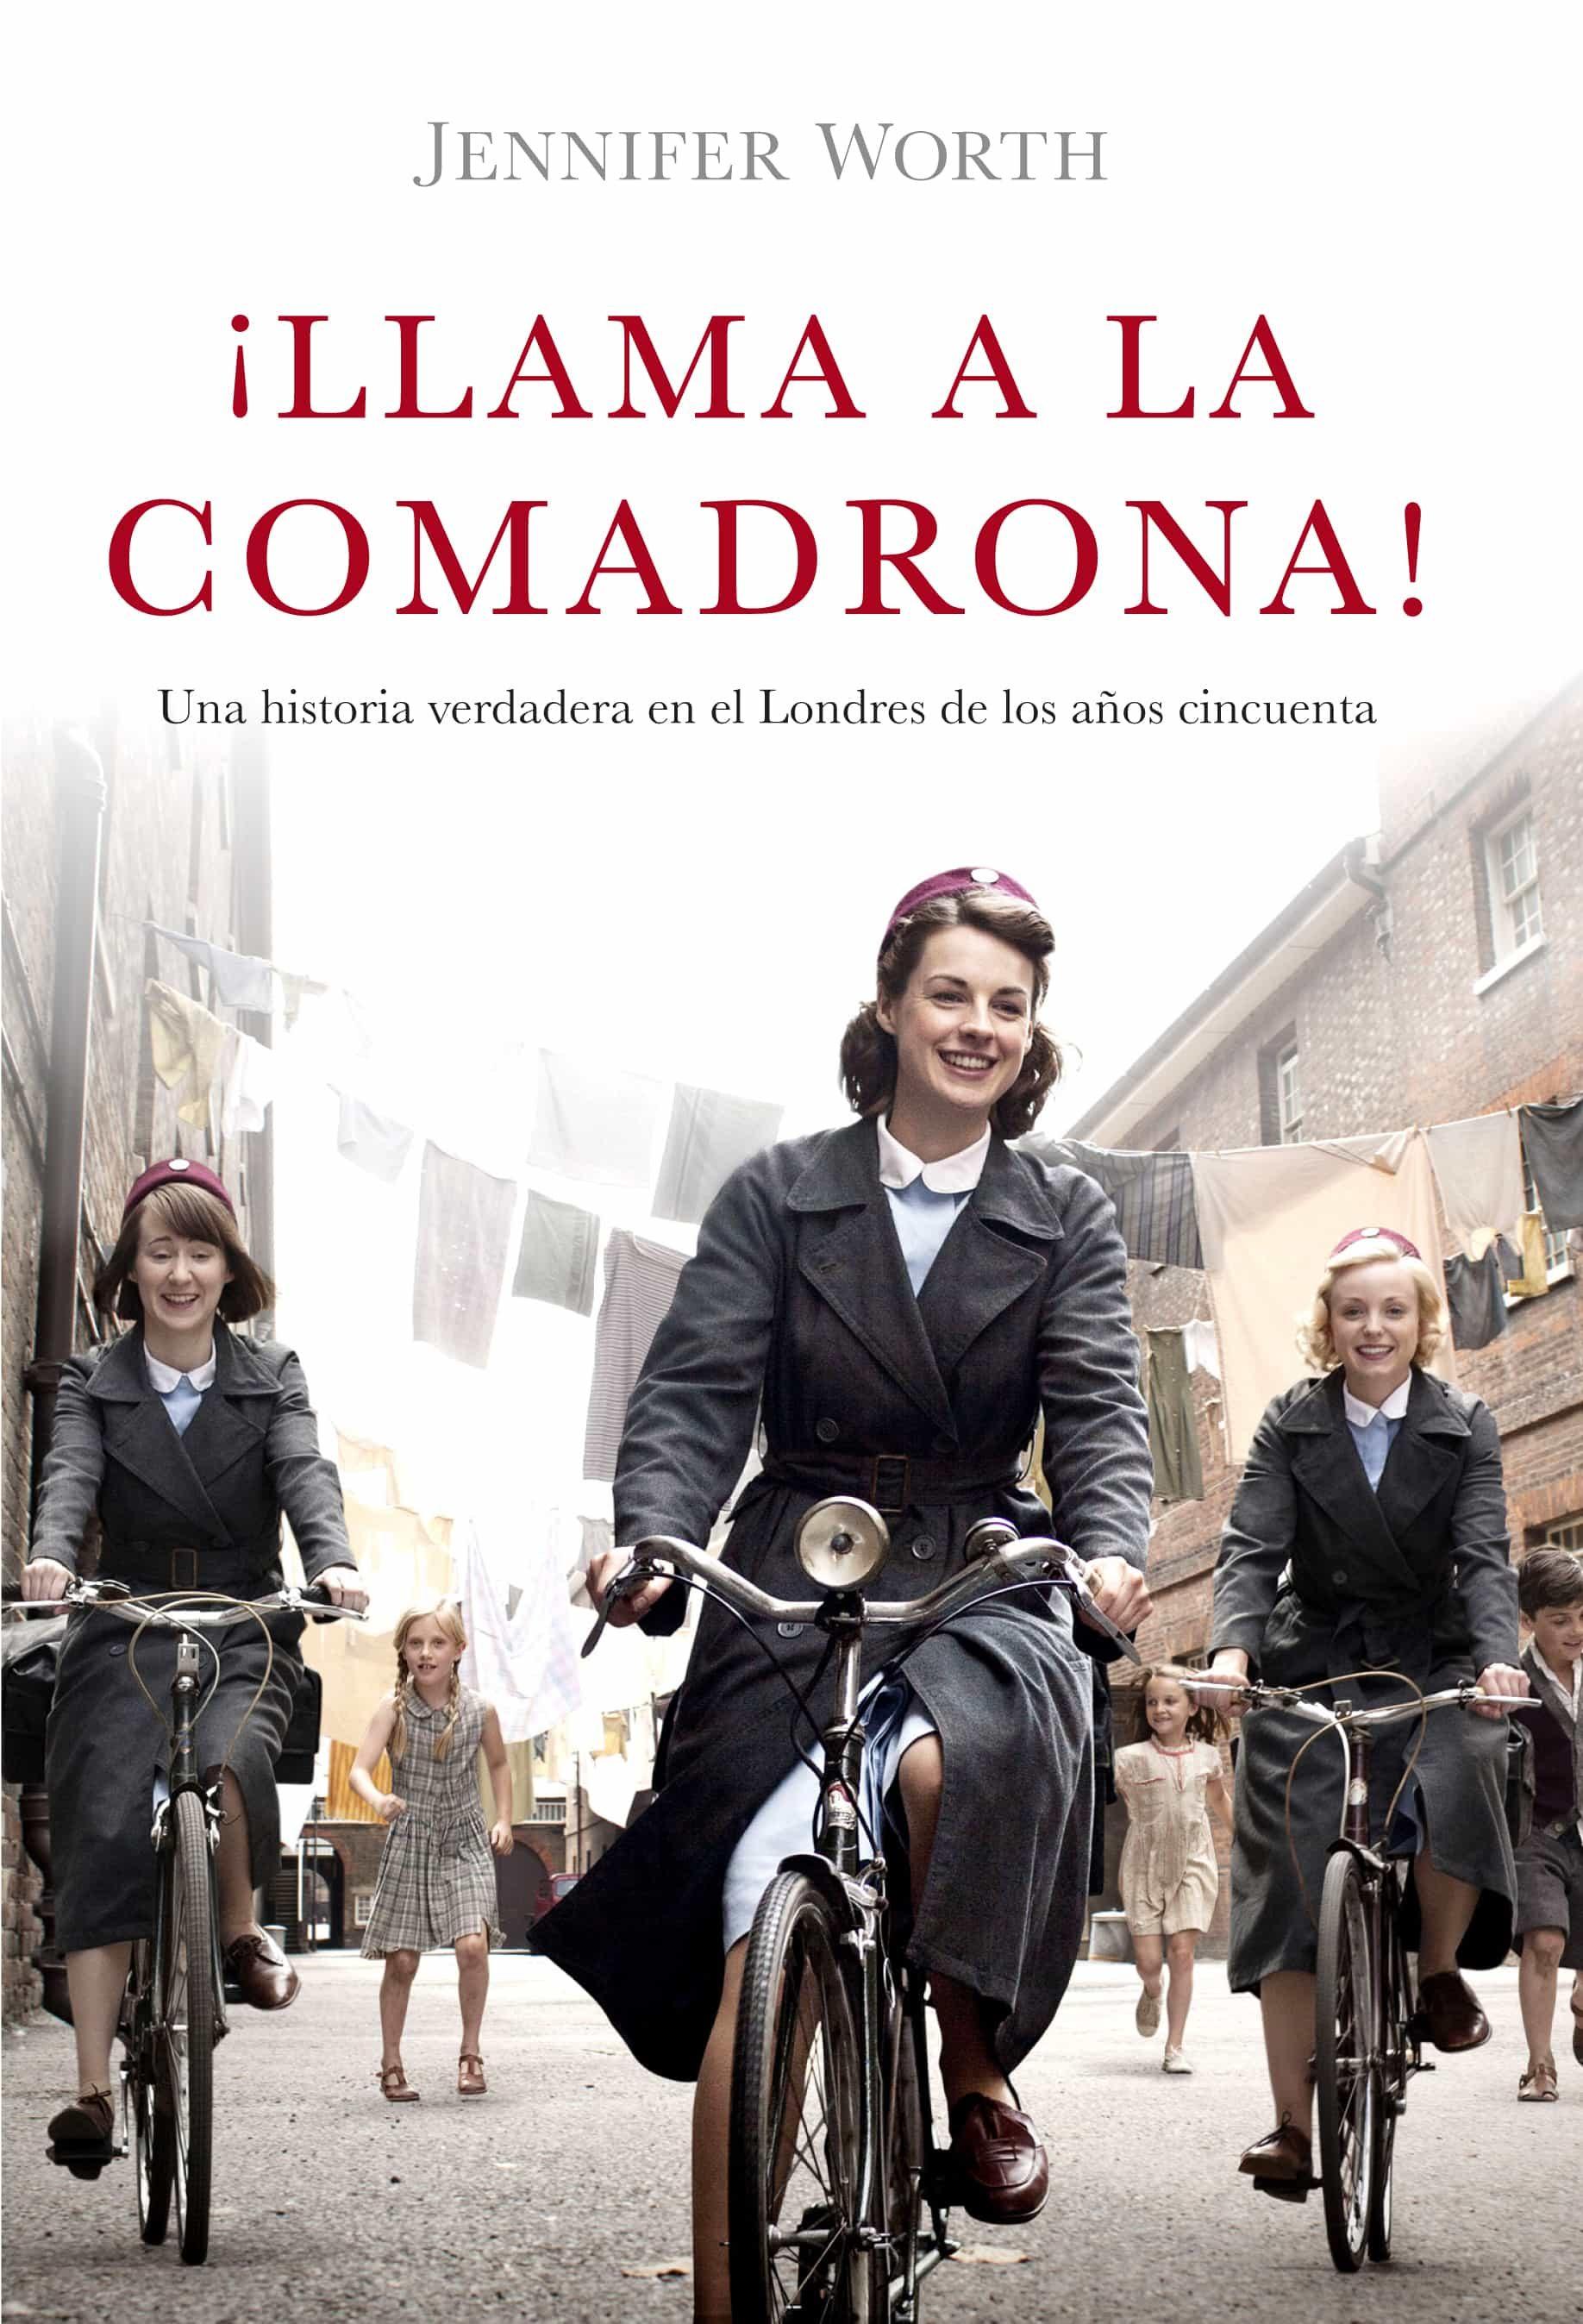 ¡Llama a la comadrona!: Una historia verdadera en el Londres de los años cincuenta